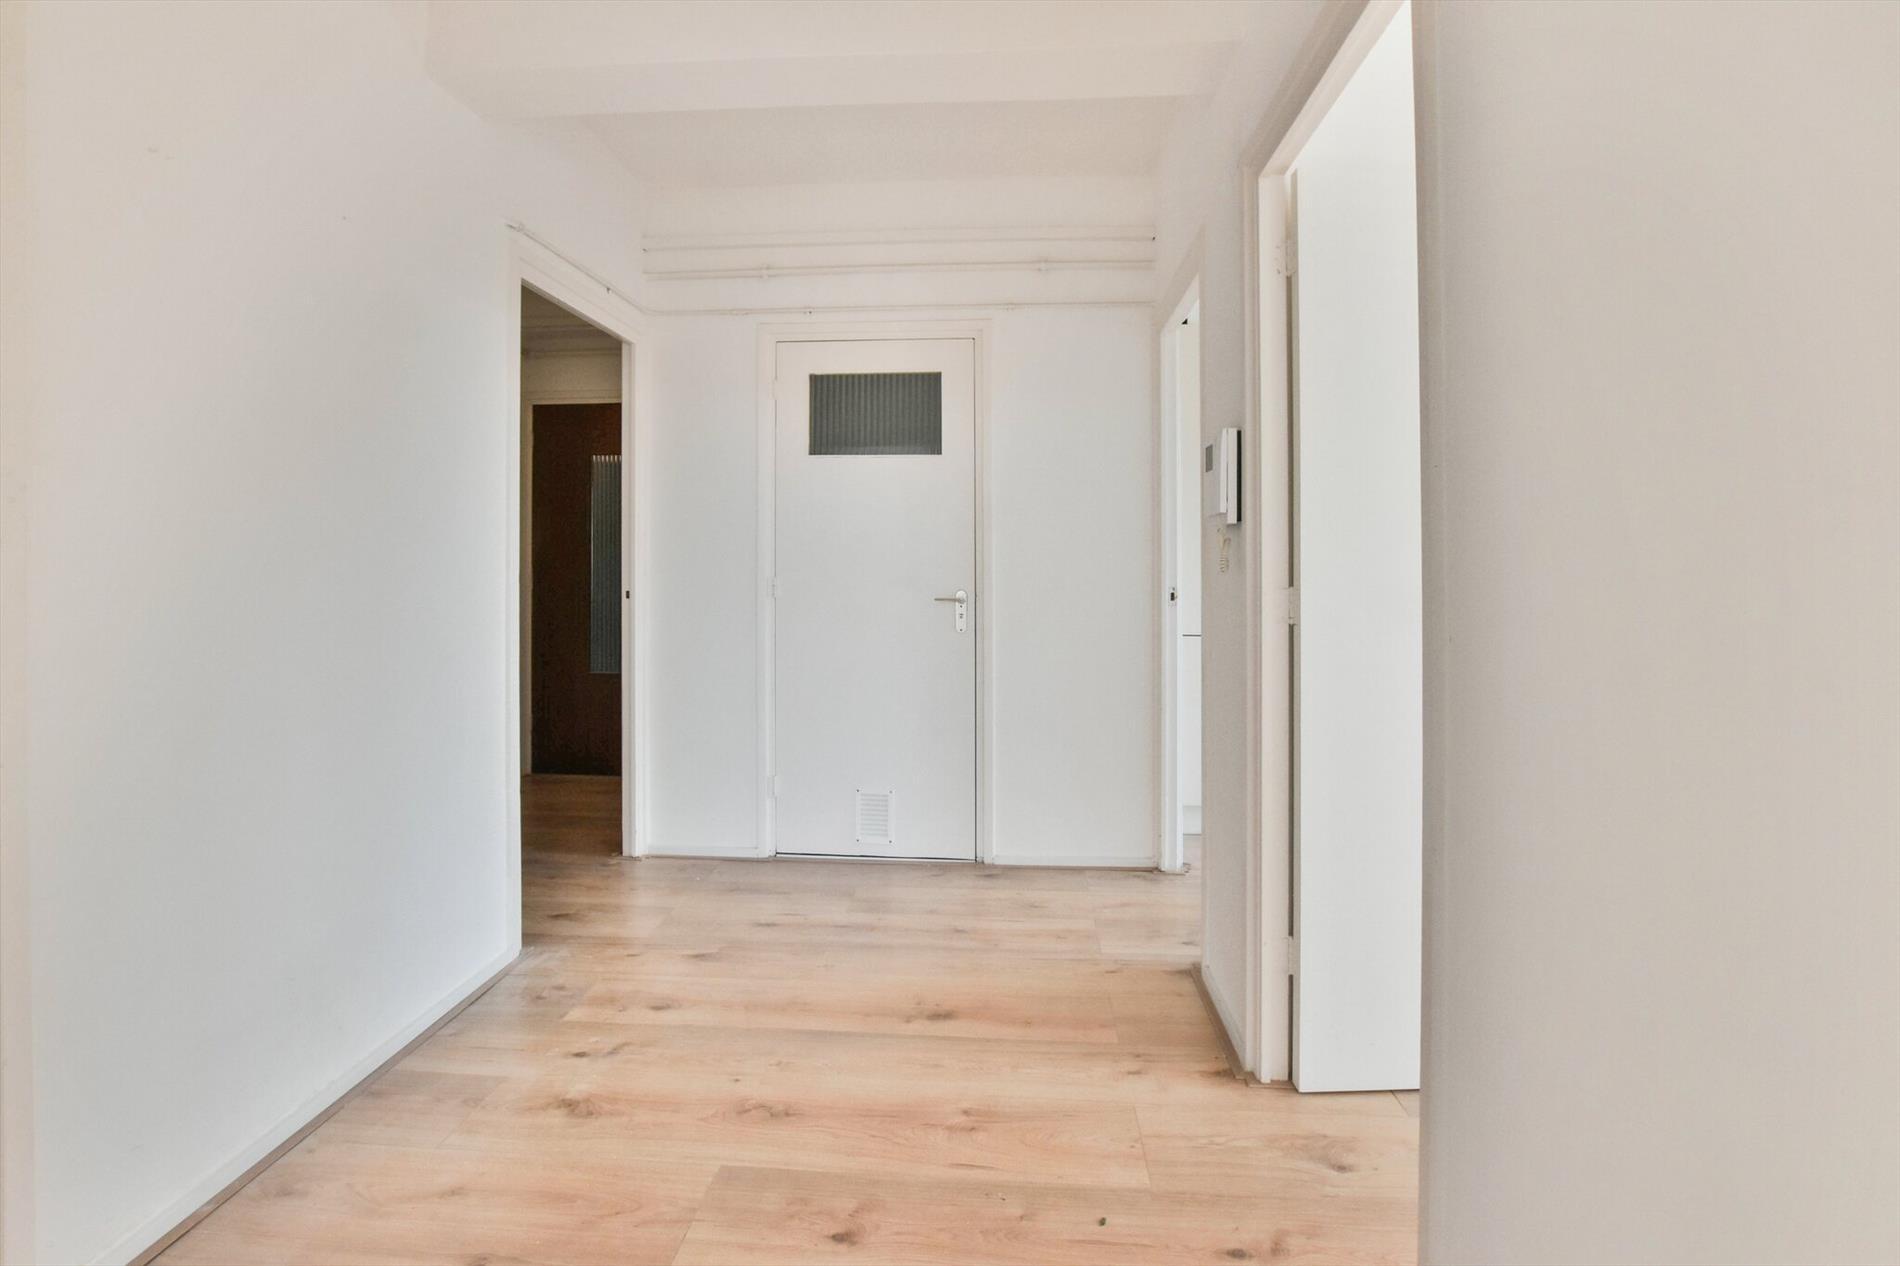 Te huur: Appartement Van Boshuizenstraat, Amsterdam - 4